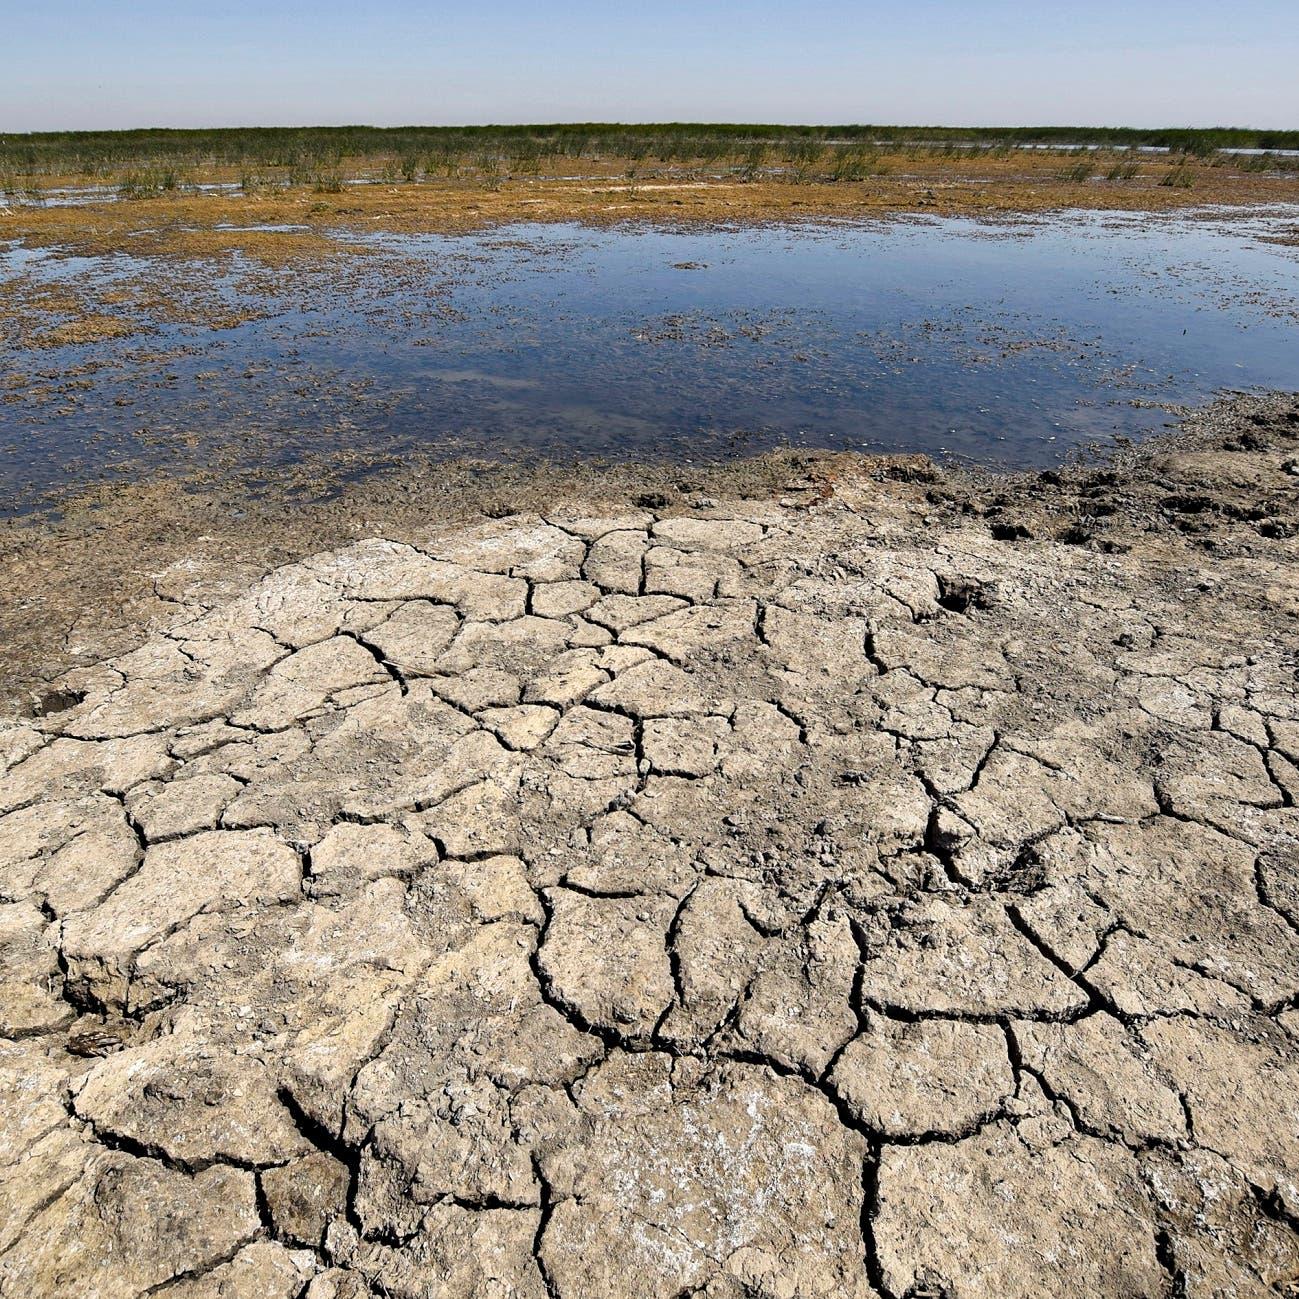 الجفاف يخنق العراق.. سدود تركيا وإيران تزيد الطين بلة